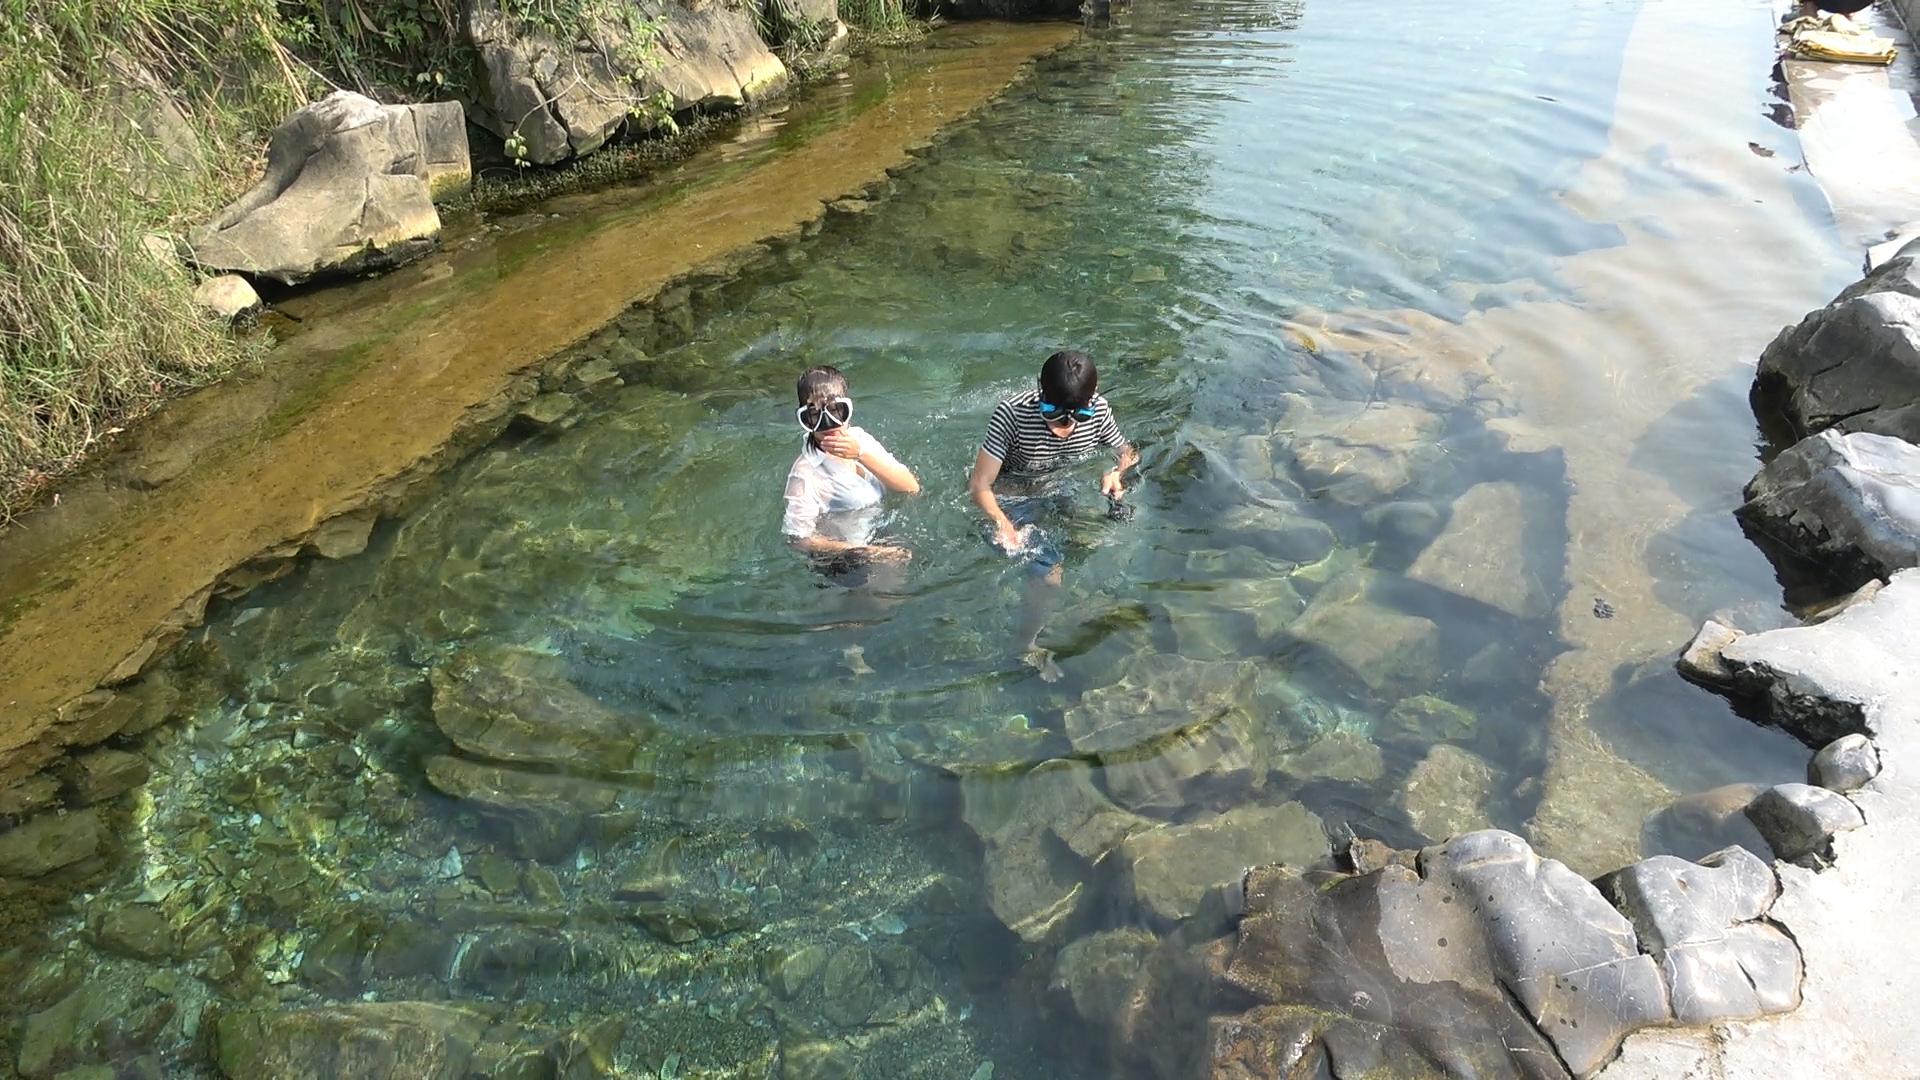 小明干完农活带小丫一起游泳,不慎把金项链掉入水中,尴尬了